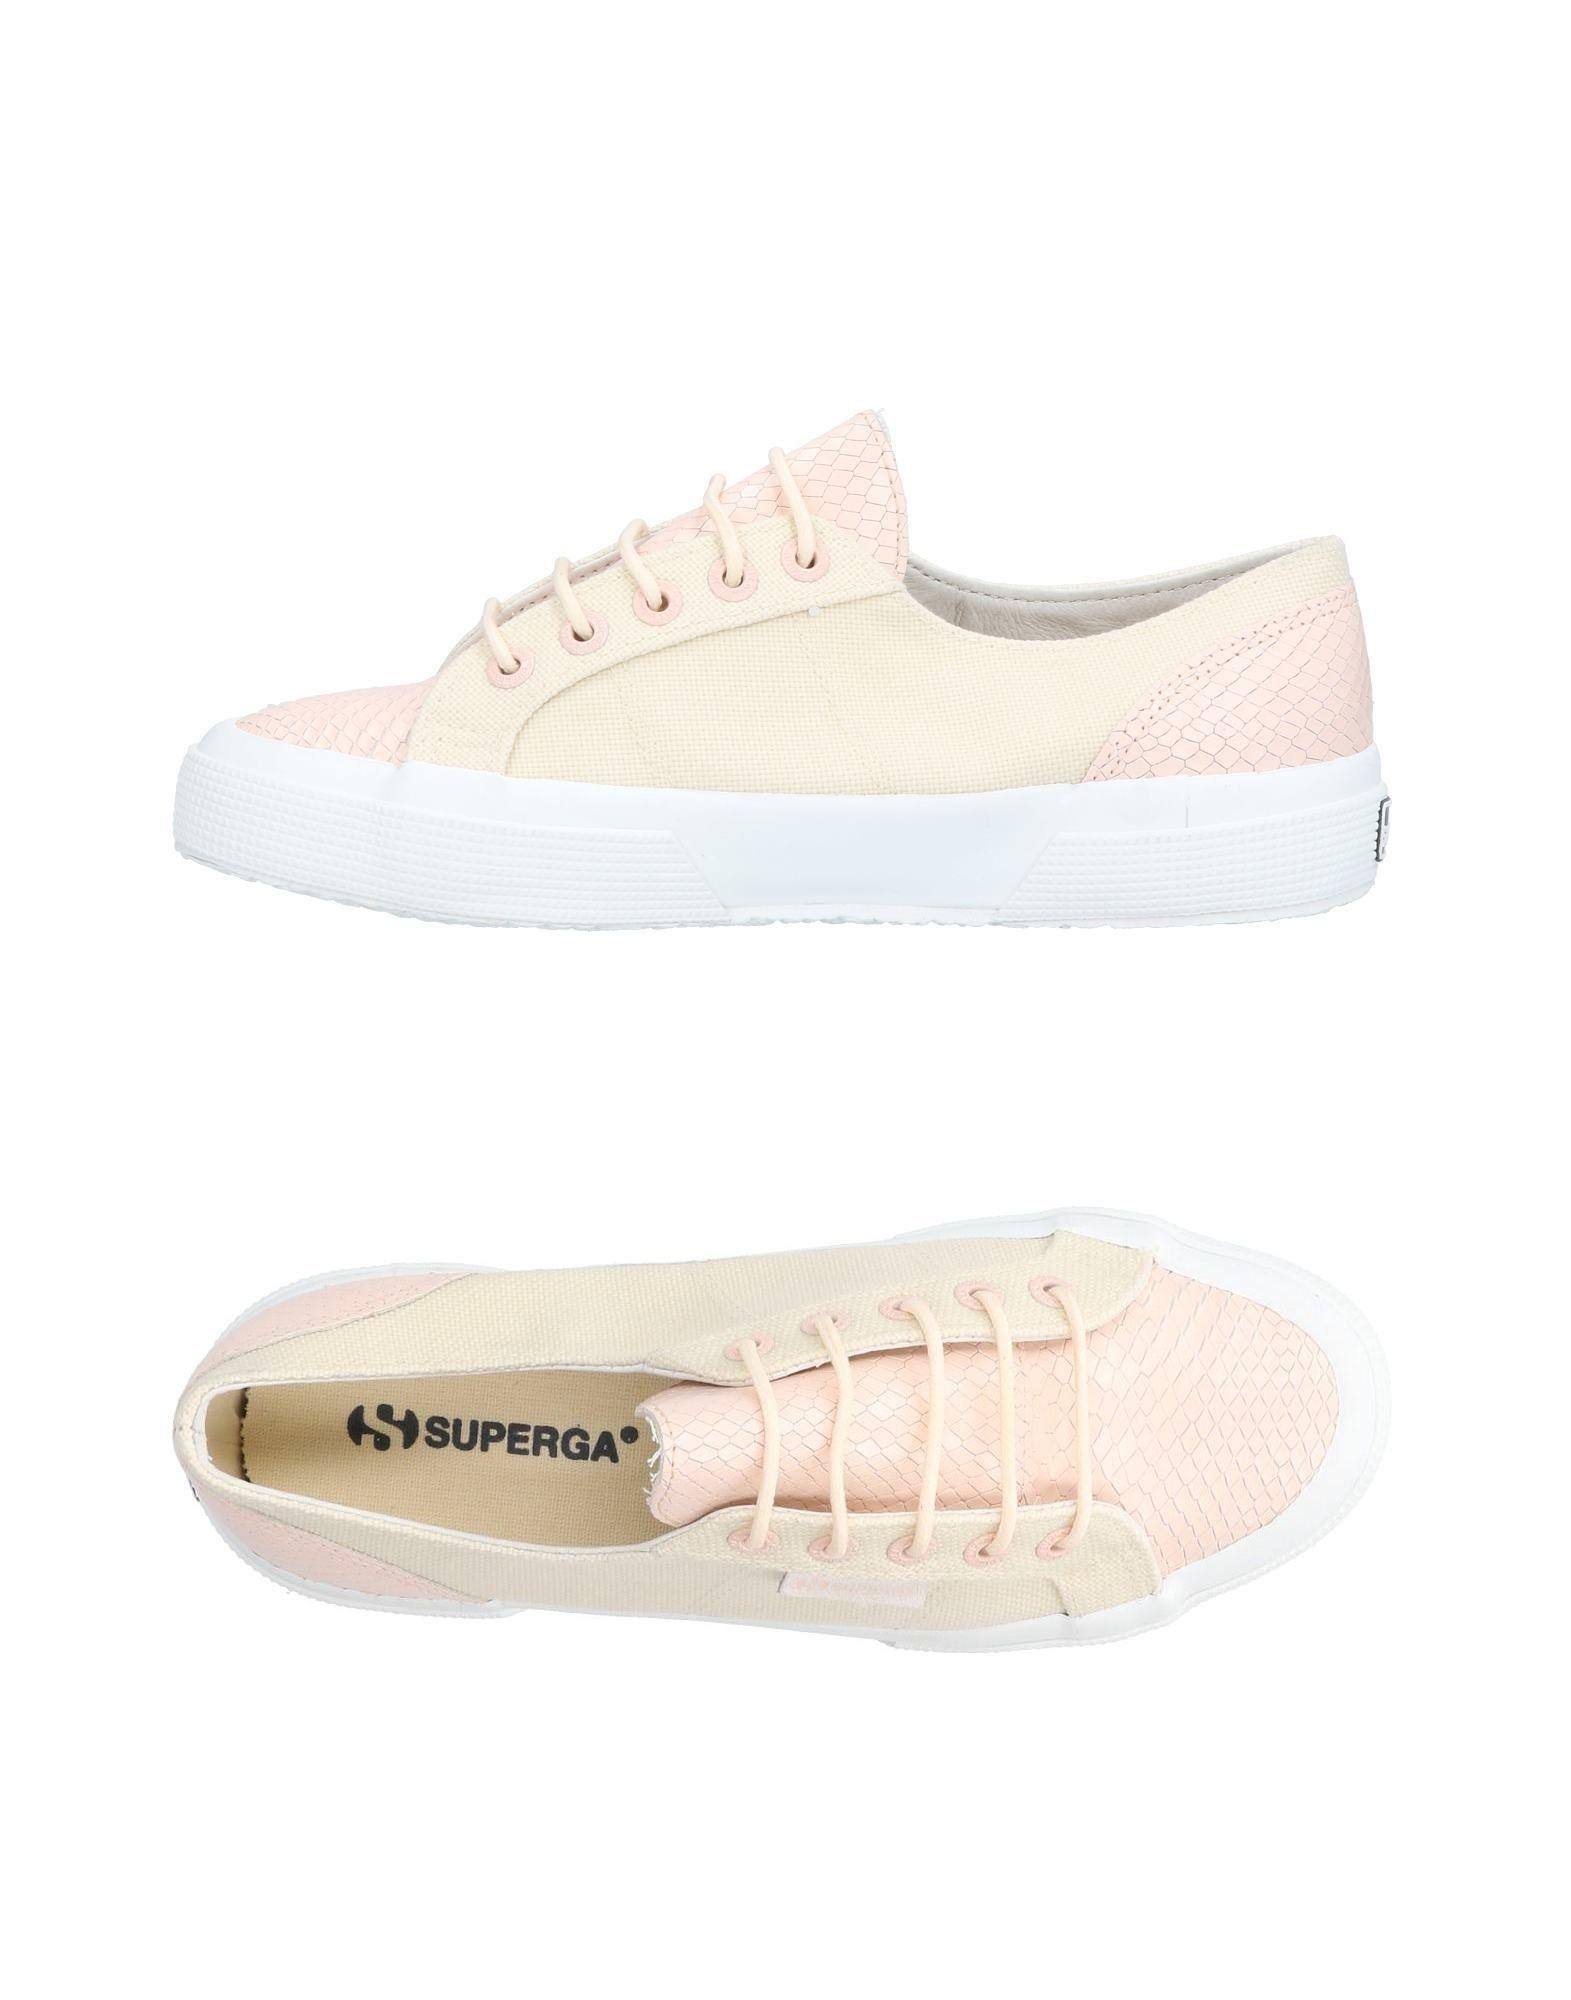 Superga® Sneakers Damen  11486559EM Gute Qualität beliebte Schuhe